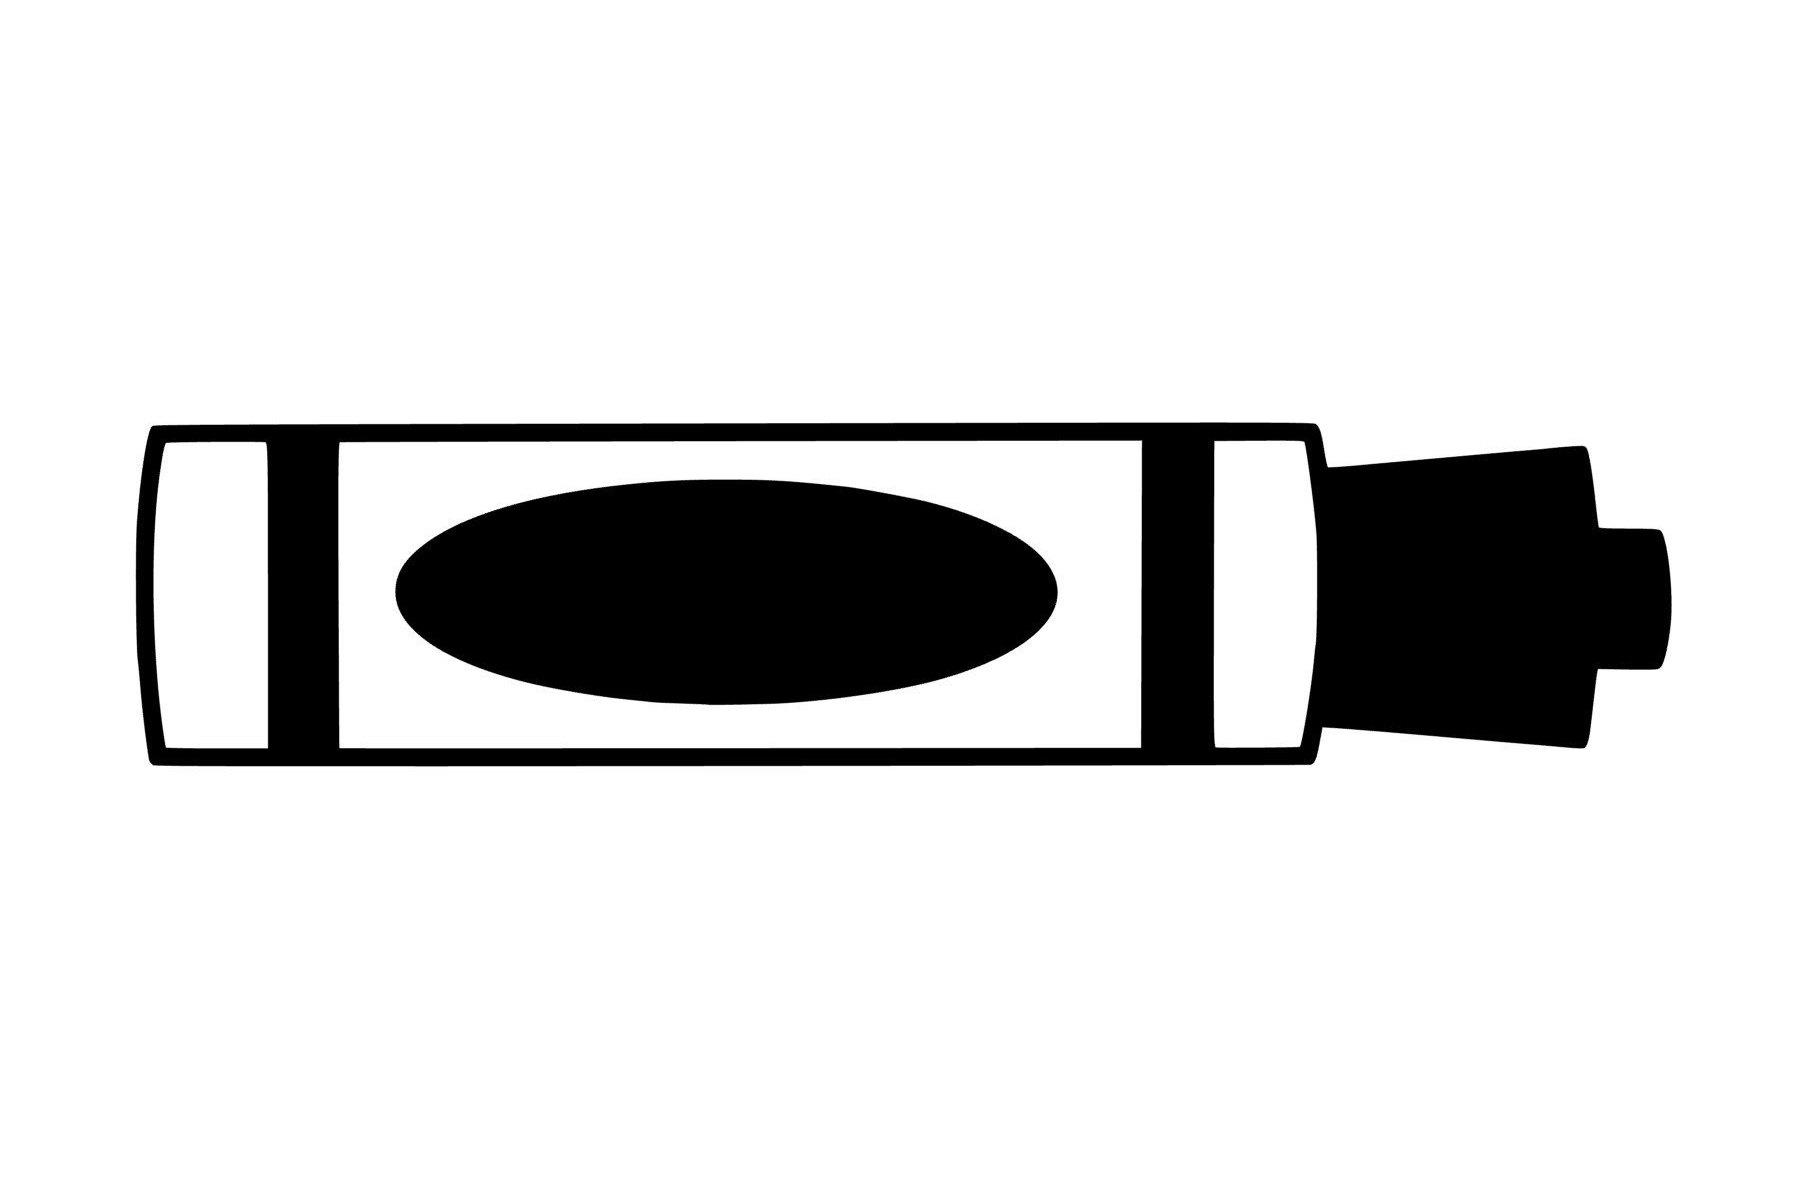 Markers clipart dry eraser. Erase marker svg